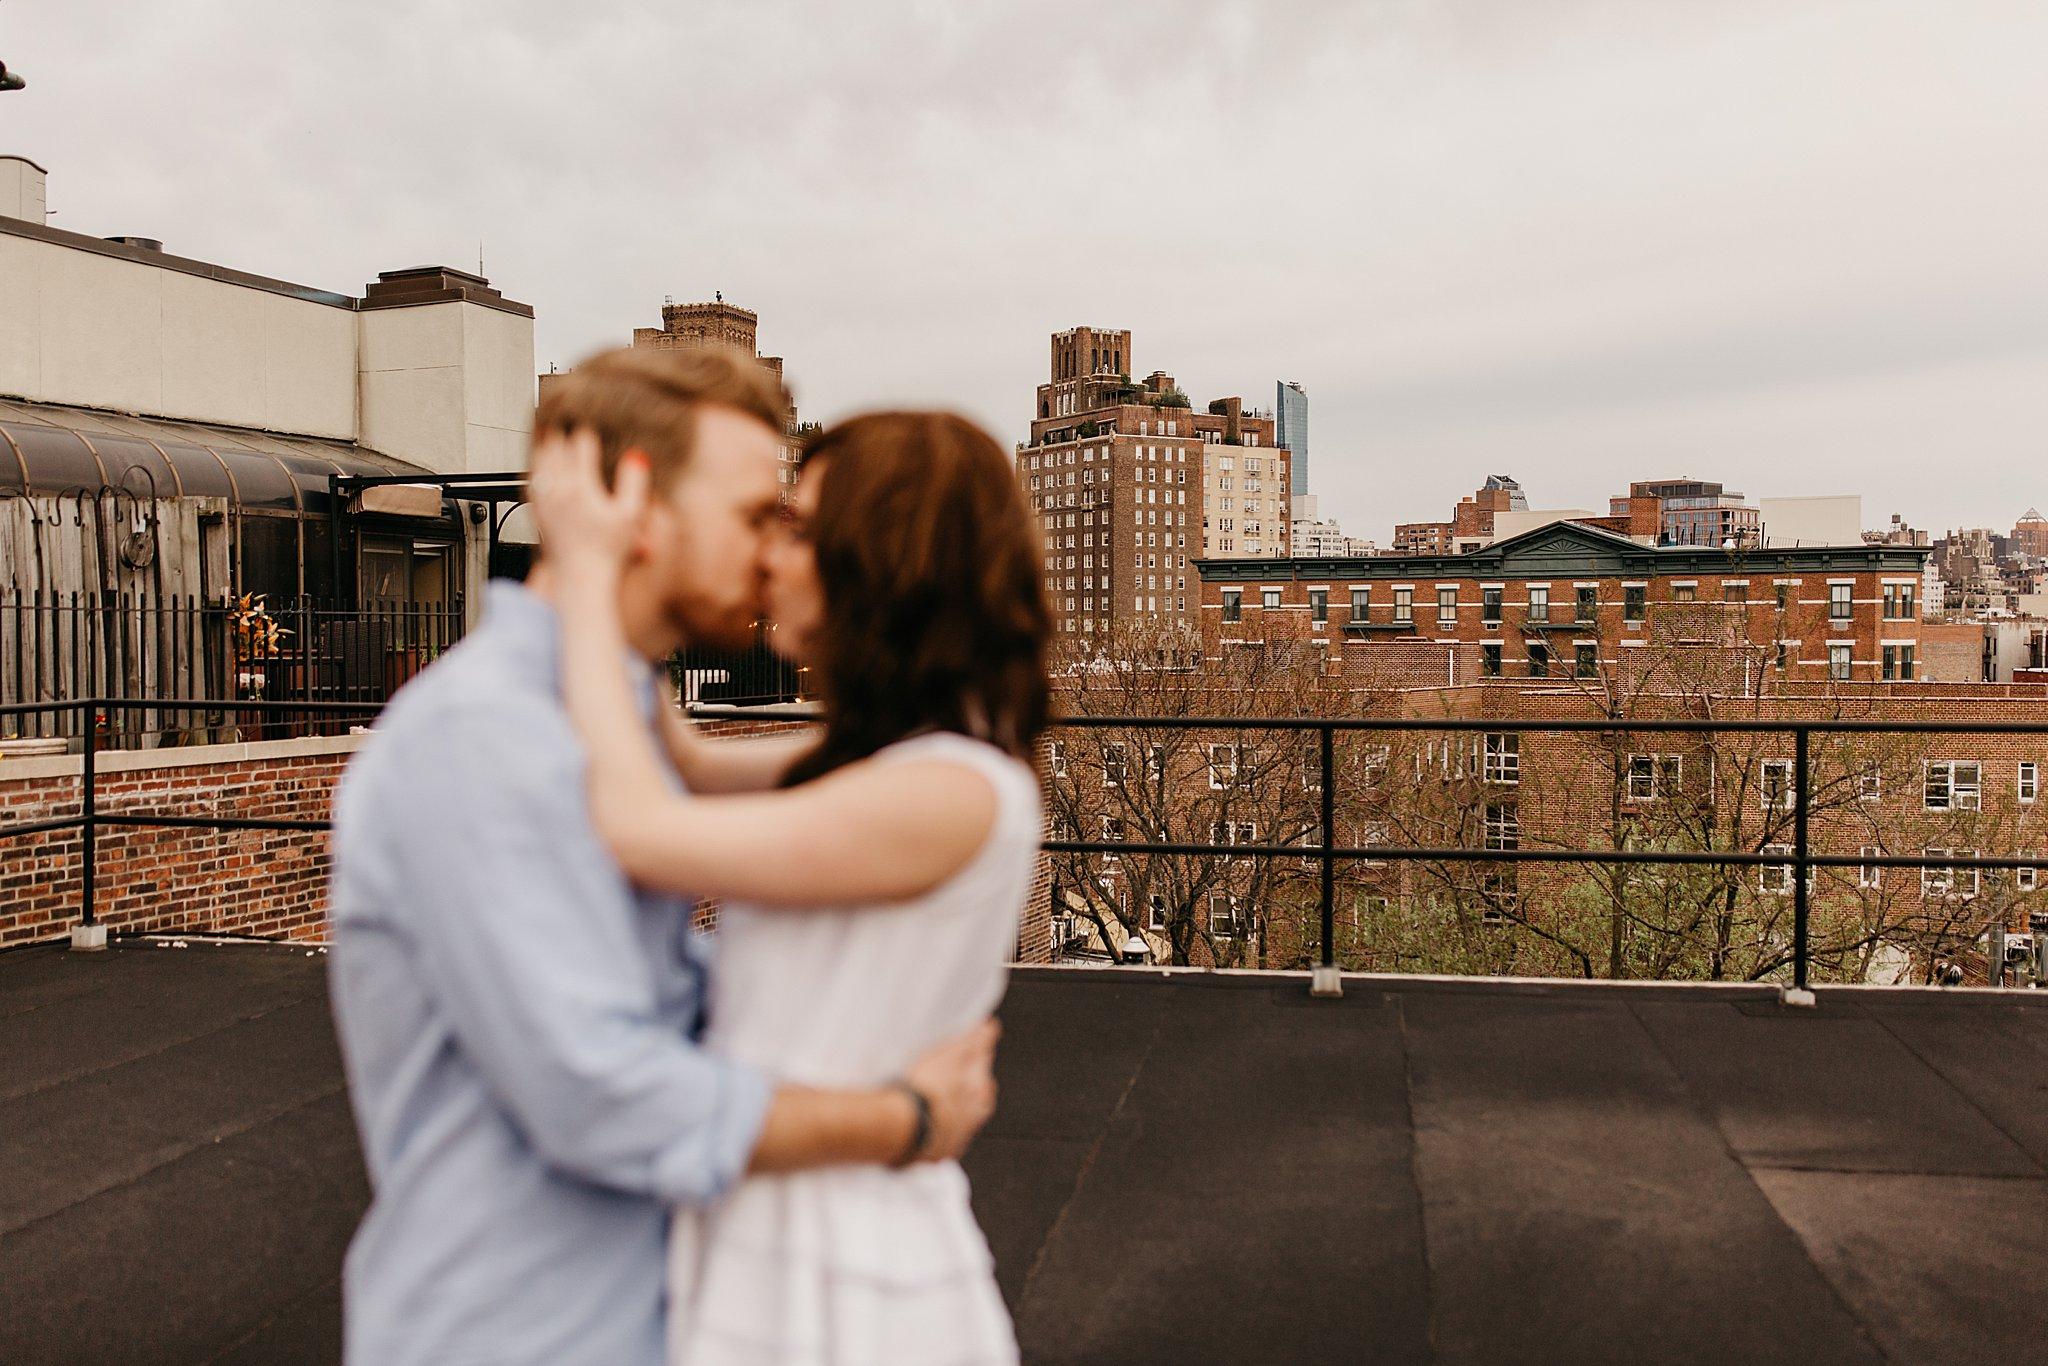 Wilderlove Co_Manhattan_New York City_New York Engagement_West Village_Greenwich Engagement_Rooftop Engagement_New York Photographer_Photography_0025.jpg